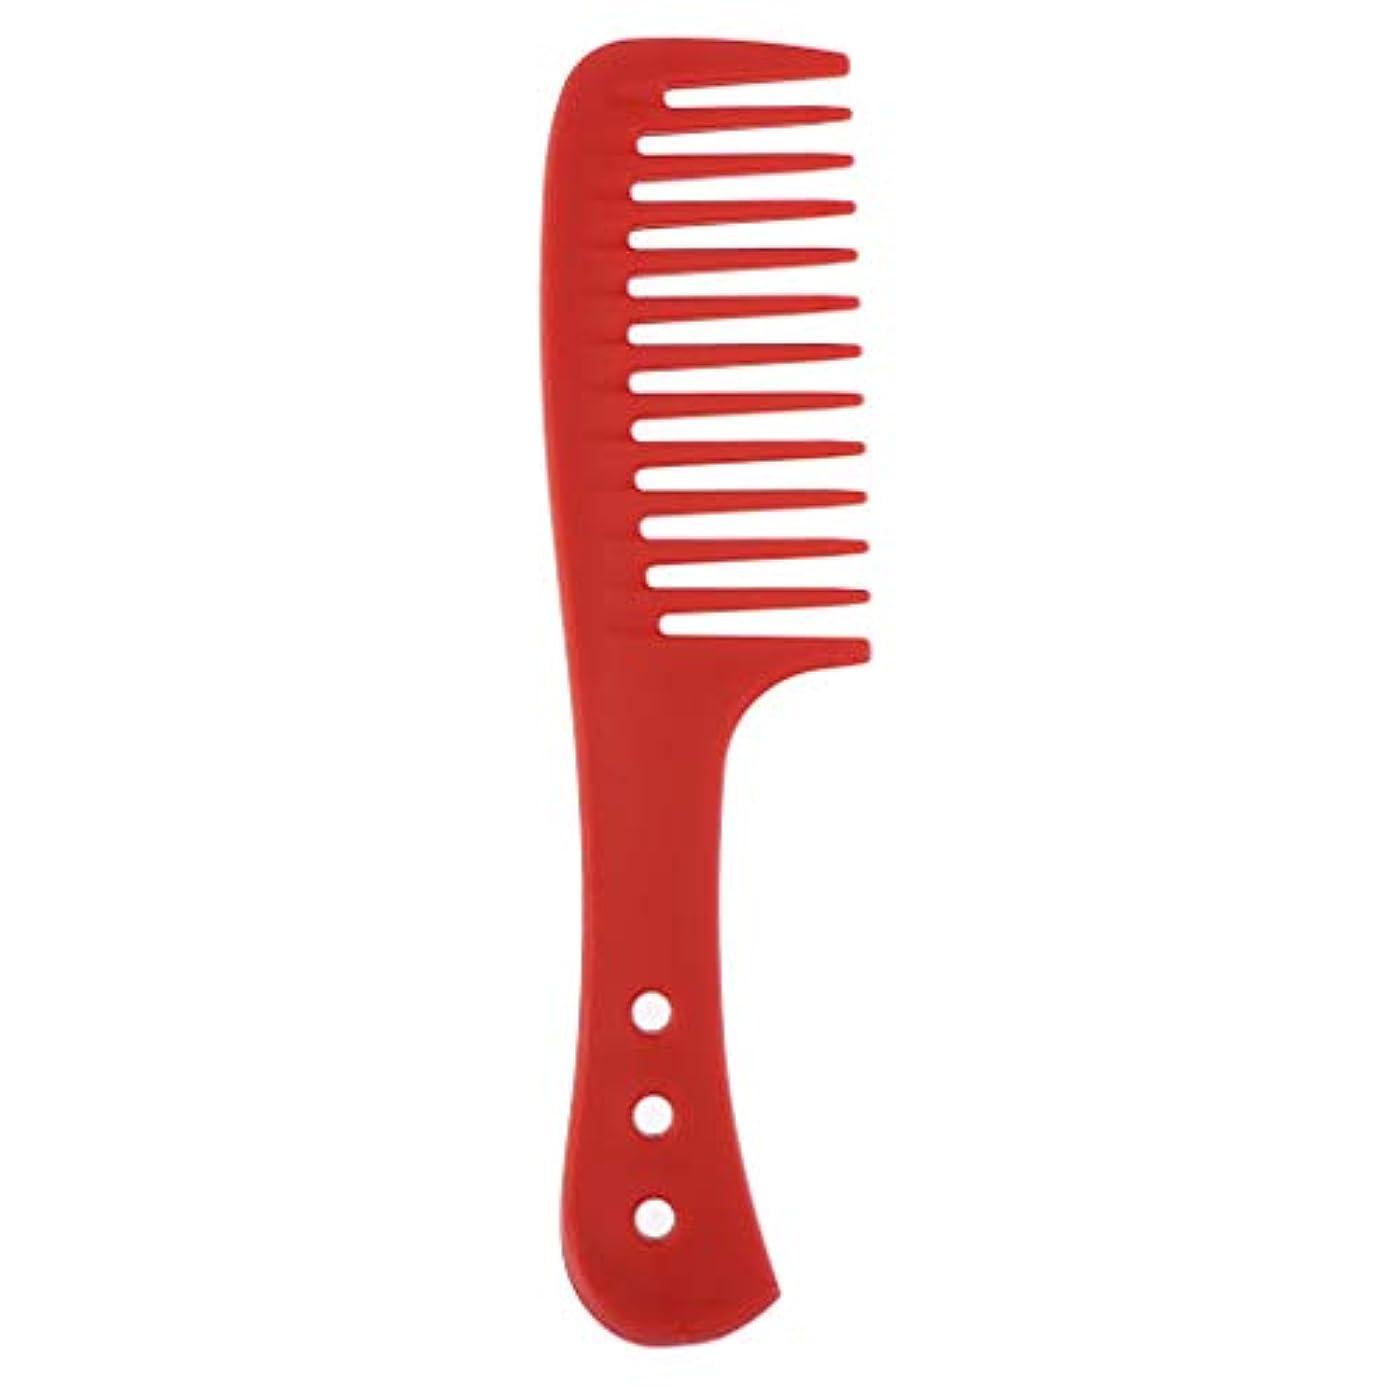 とてもローラー寛容なSM SunniMix ヘアコーム 櫛 ヘアブラシ ヘアケア 美髪ケア 帯電防止 4色選べ - 赤